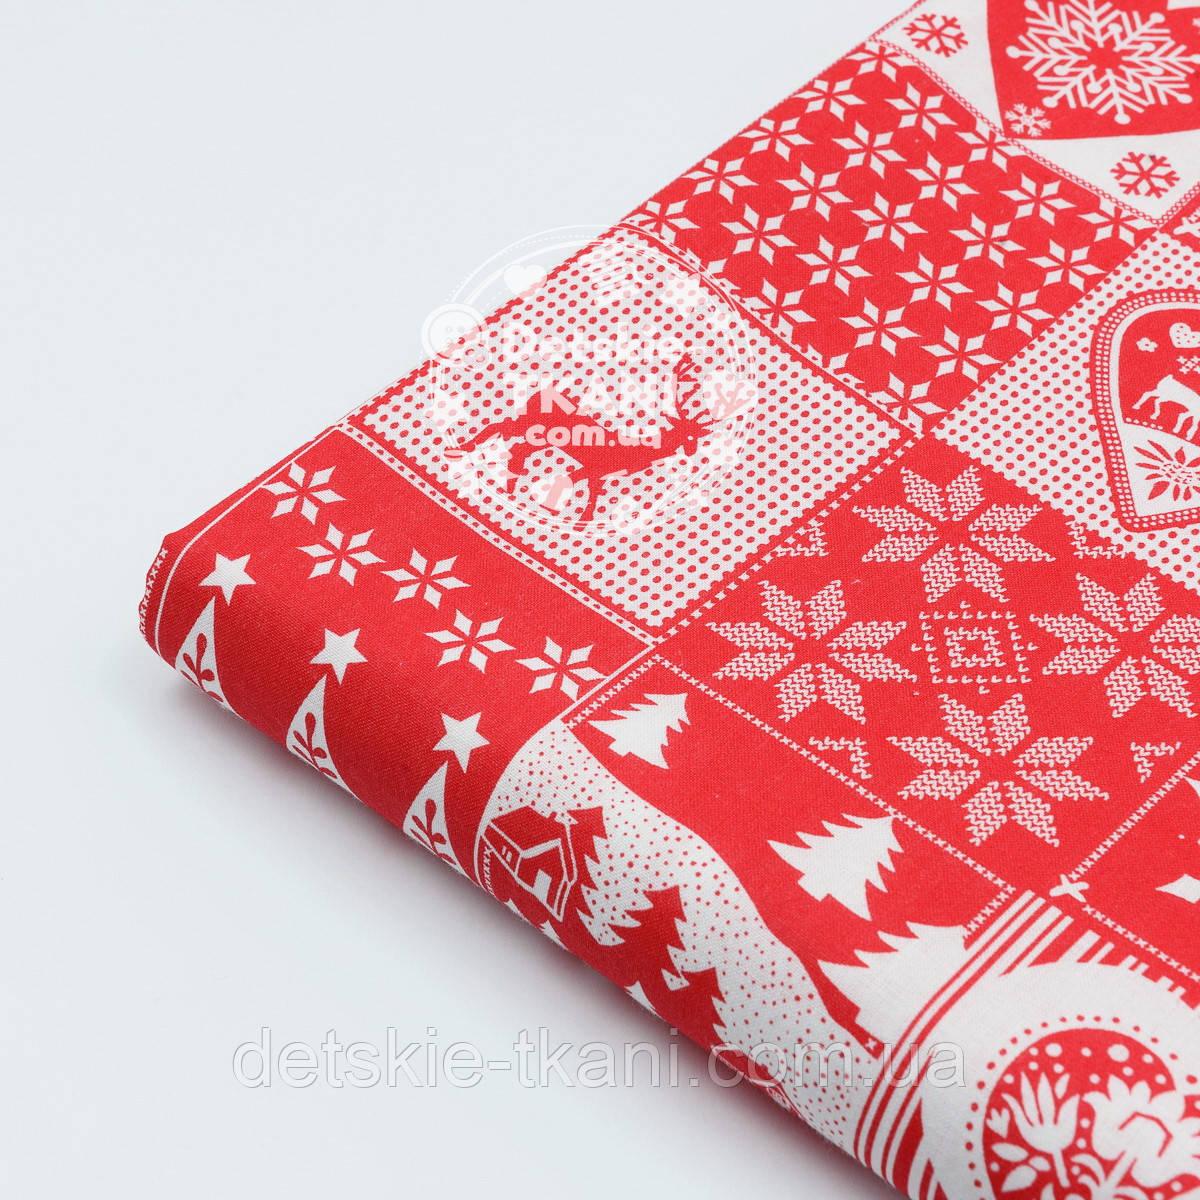 """Лоскут ткани """"Рождественский пэчворк"""" красный с белым, №1586а"""